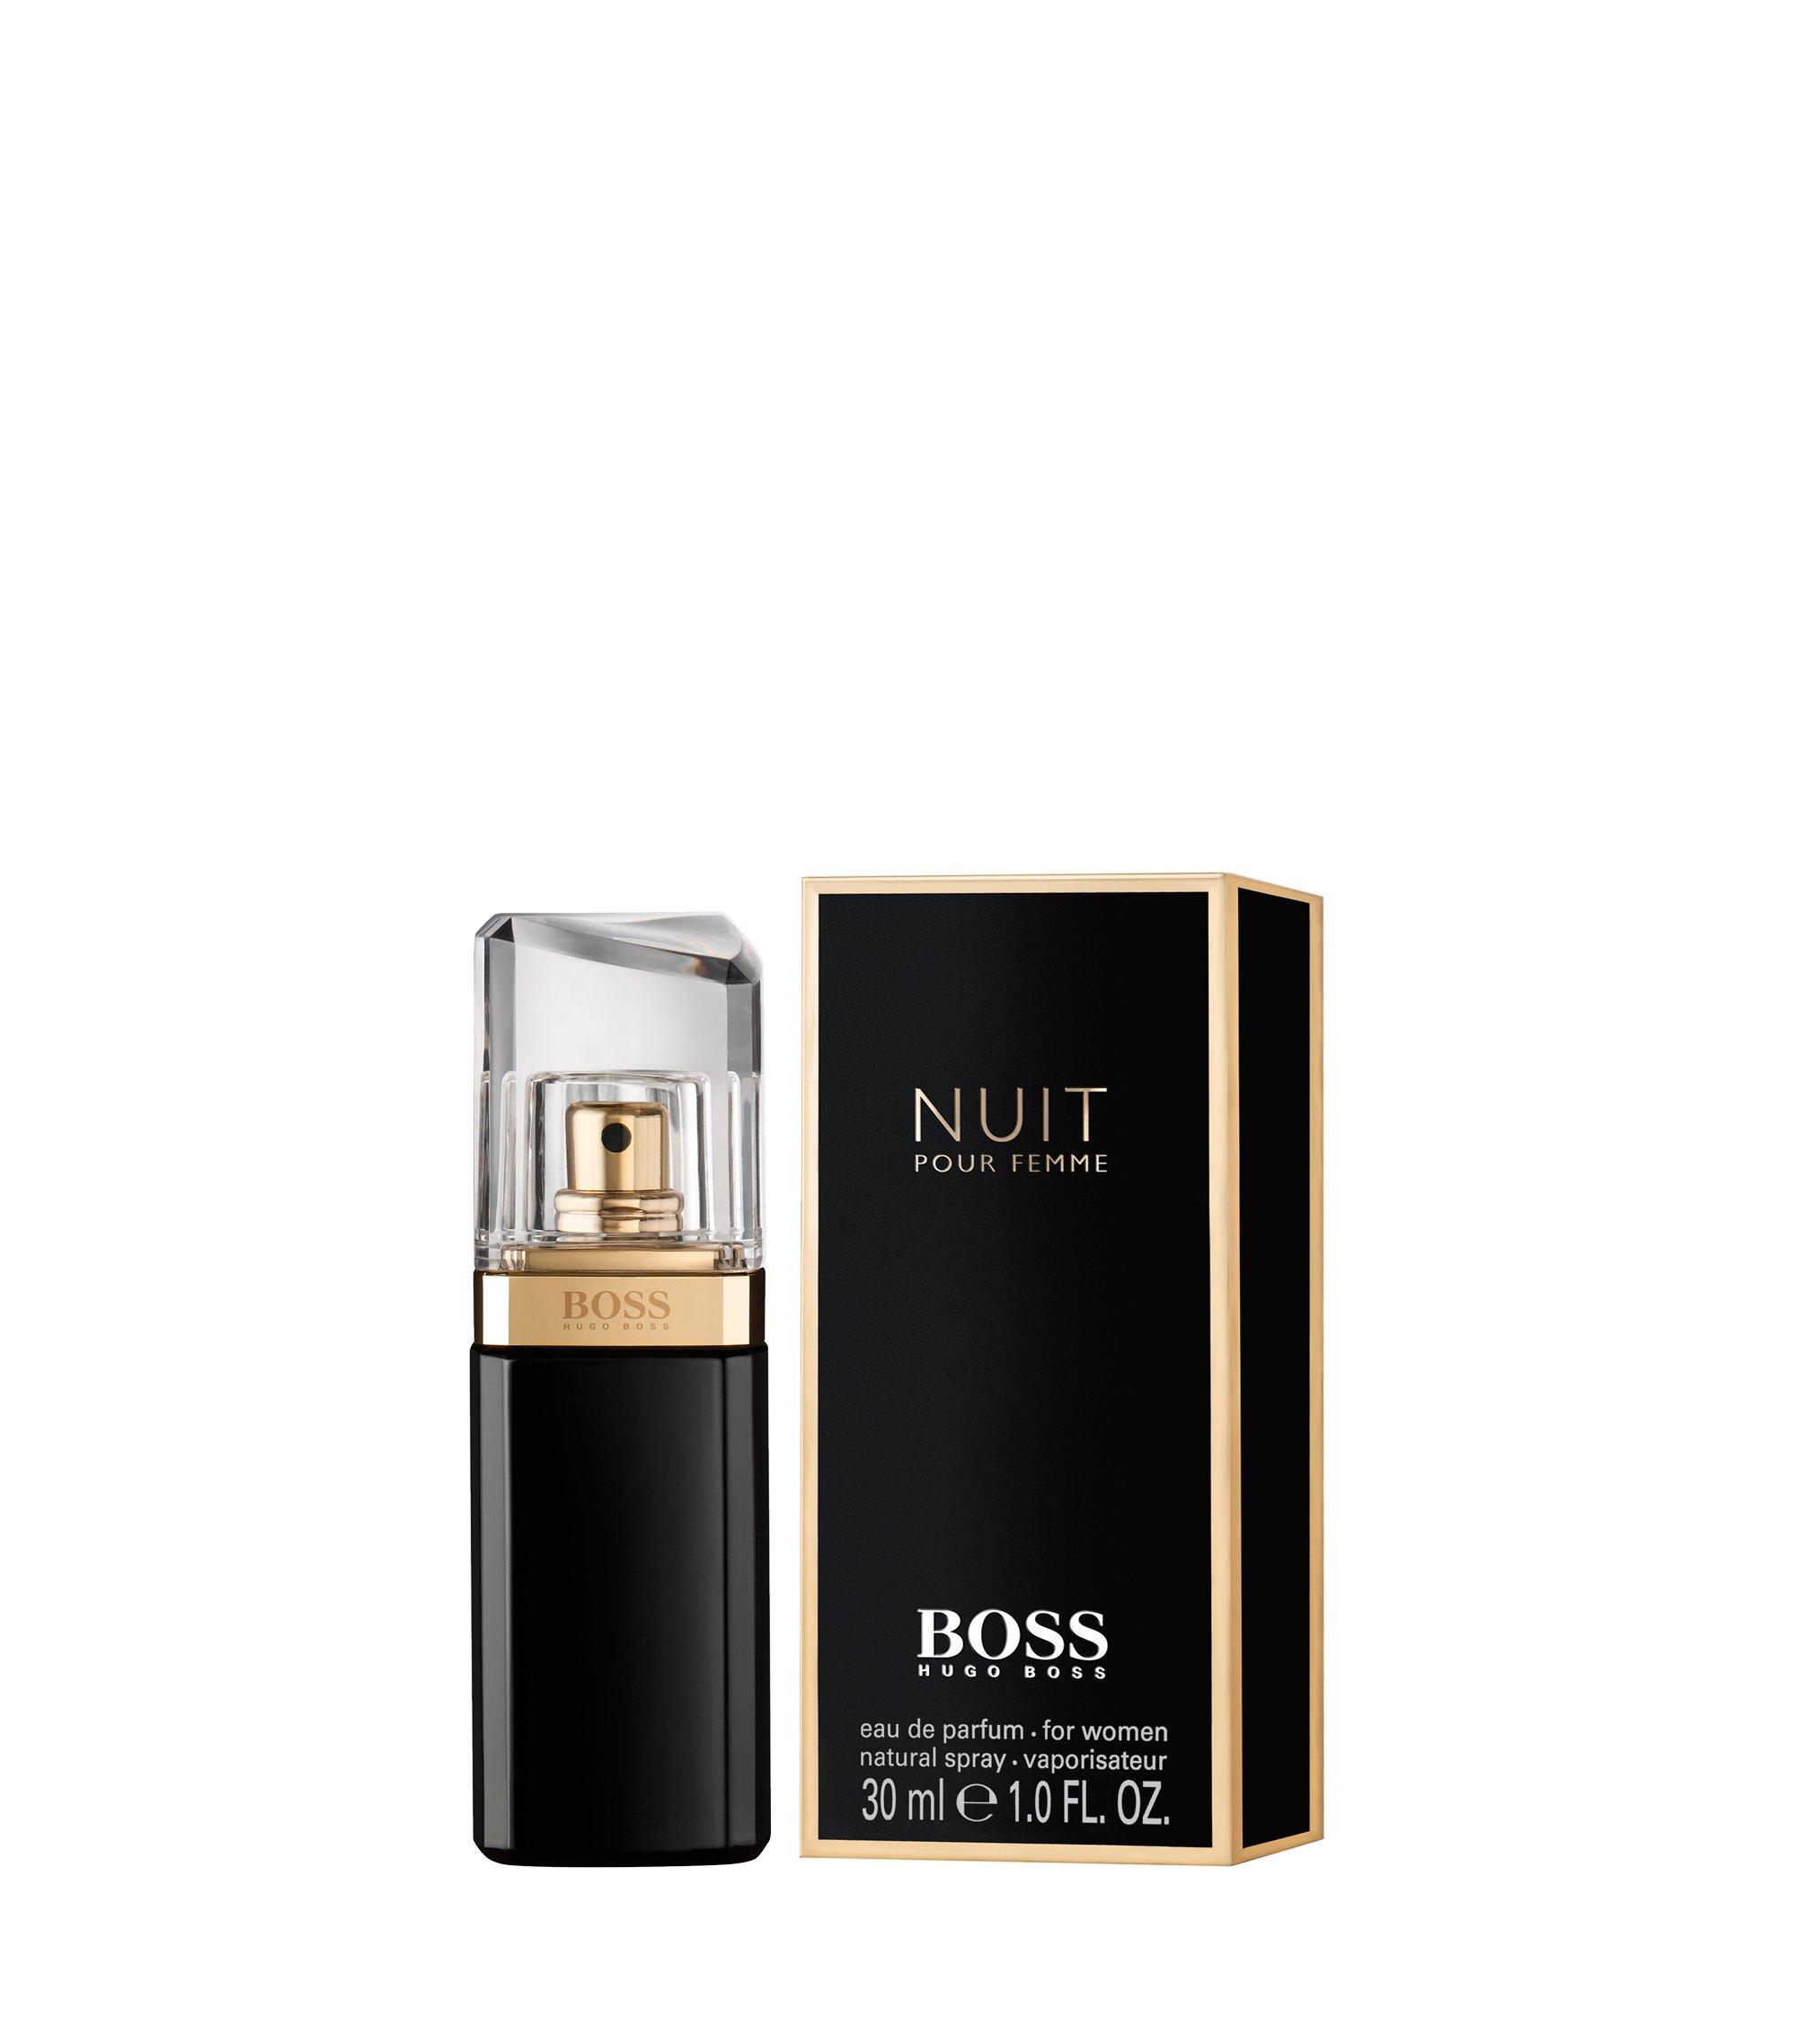 Eau de Parfum BOSS Nuit pour femme, 30ml, Assorted-Pre-Pack